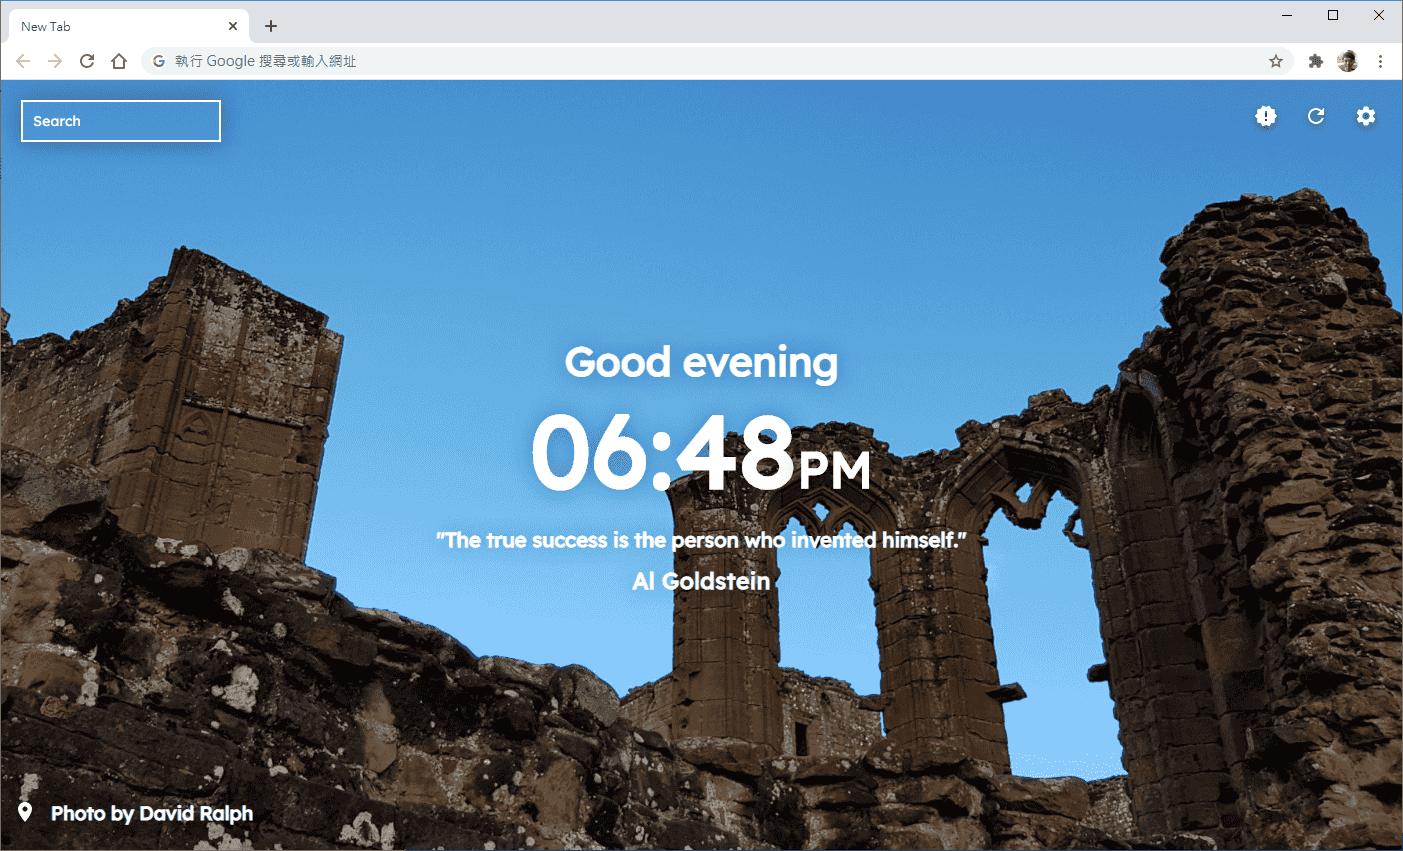 開啟新分頁就會隨機顯示不同的風景圖、引言與目前時間搭配問候語